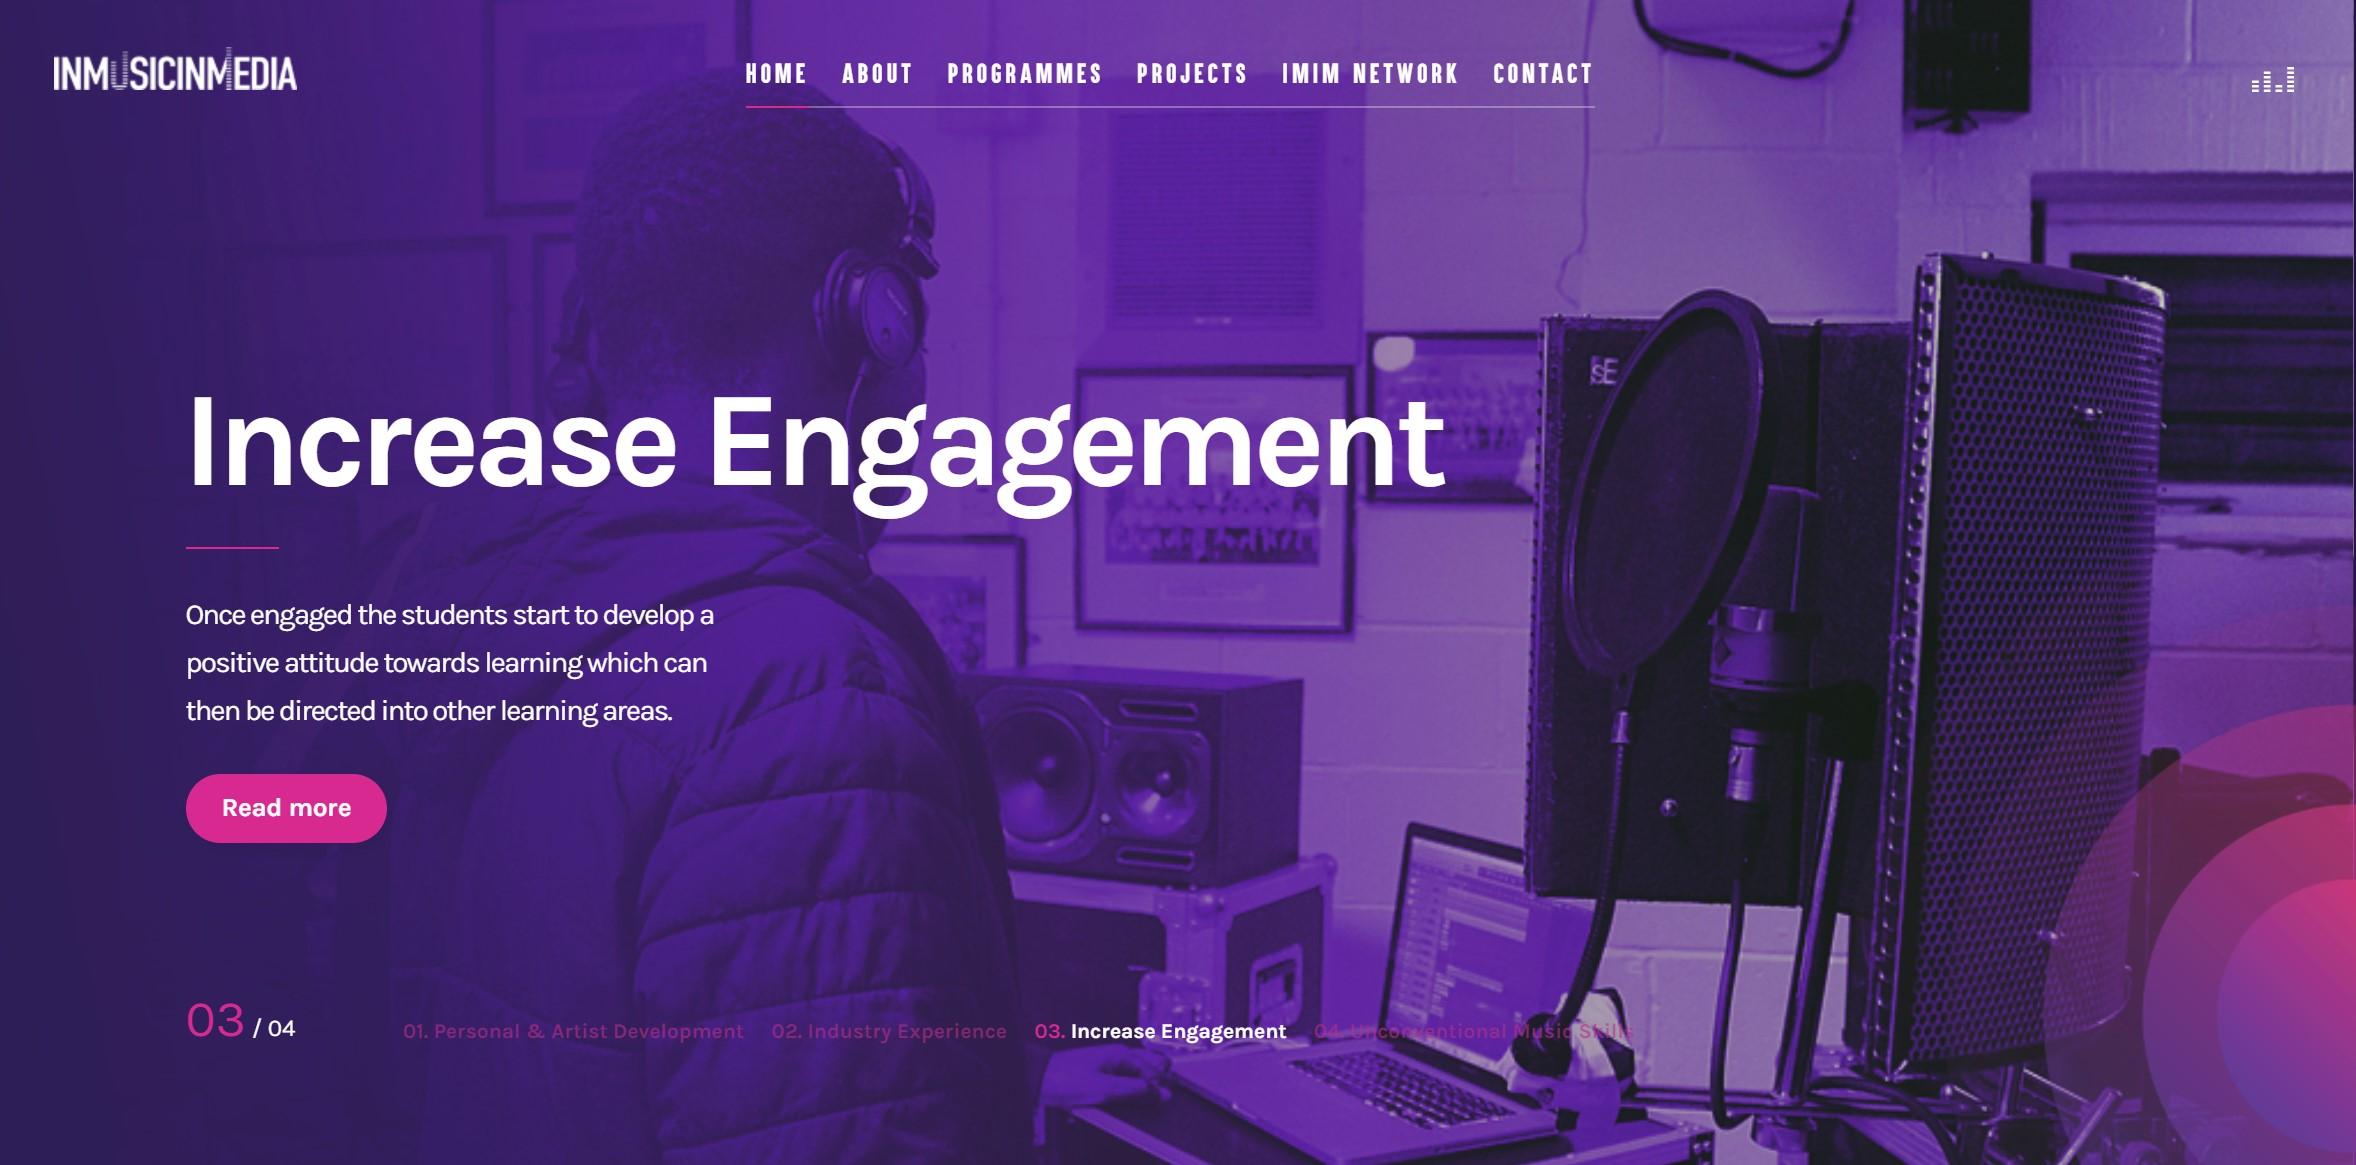 InMusic InMedia Training Courses